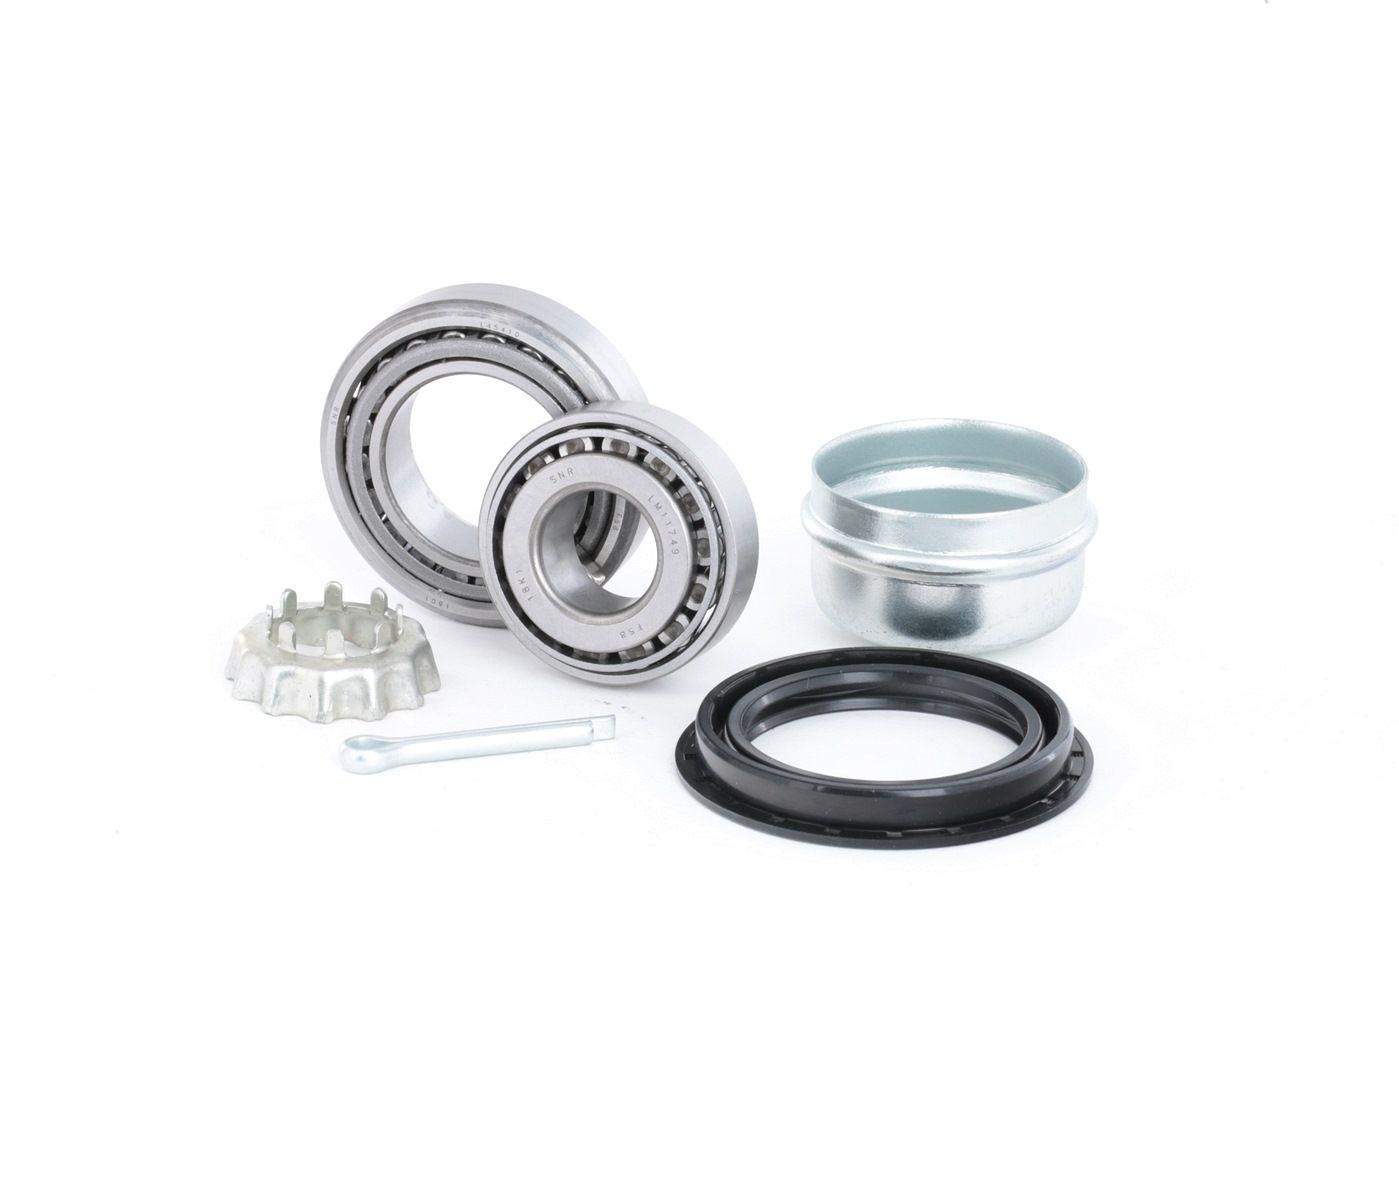 Radlager & Radlagersatz SNR R154.13 Bewertung